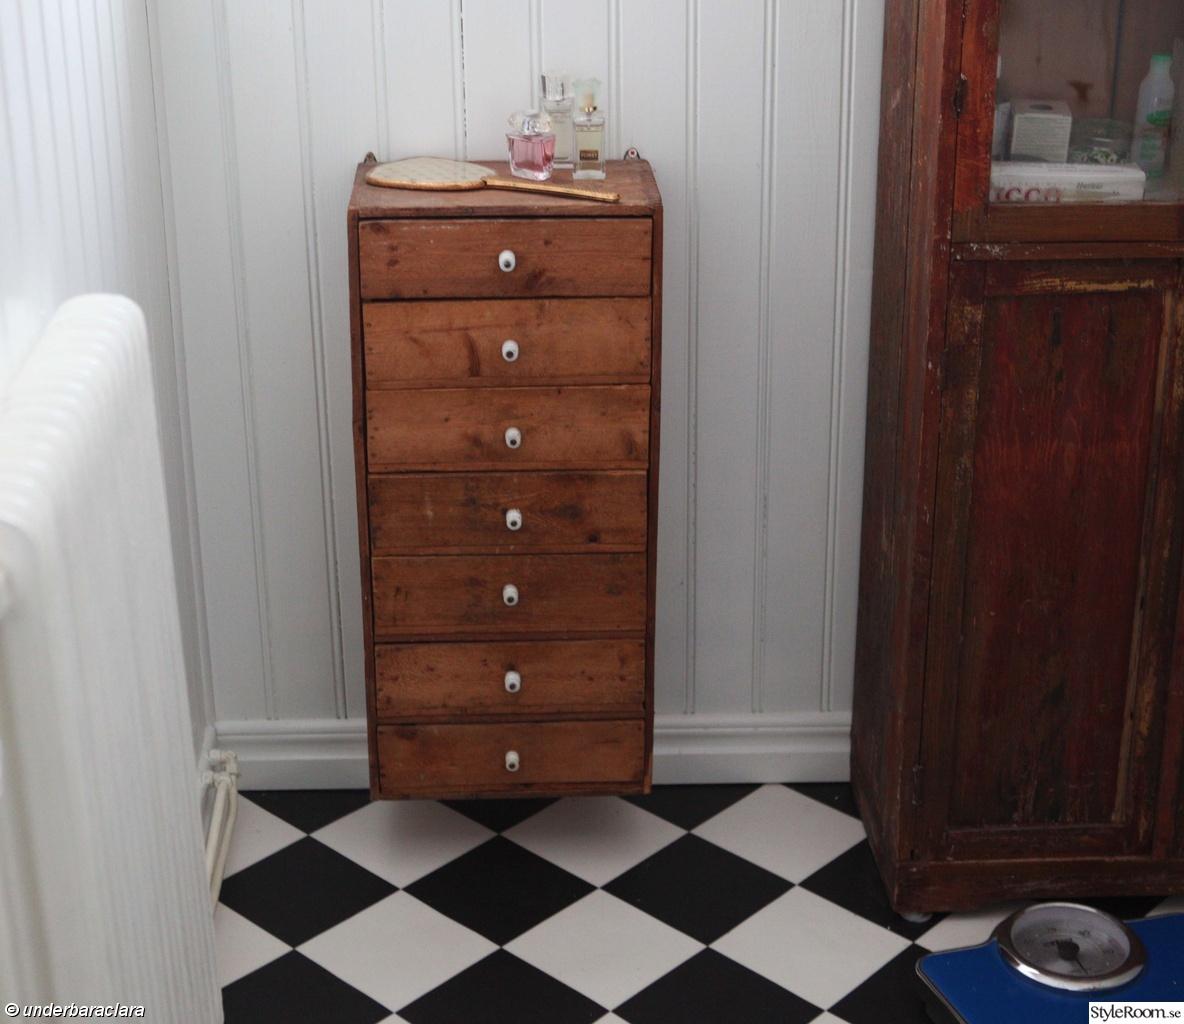 Bild på rutigt golv - Tvättstuga av chili